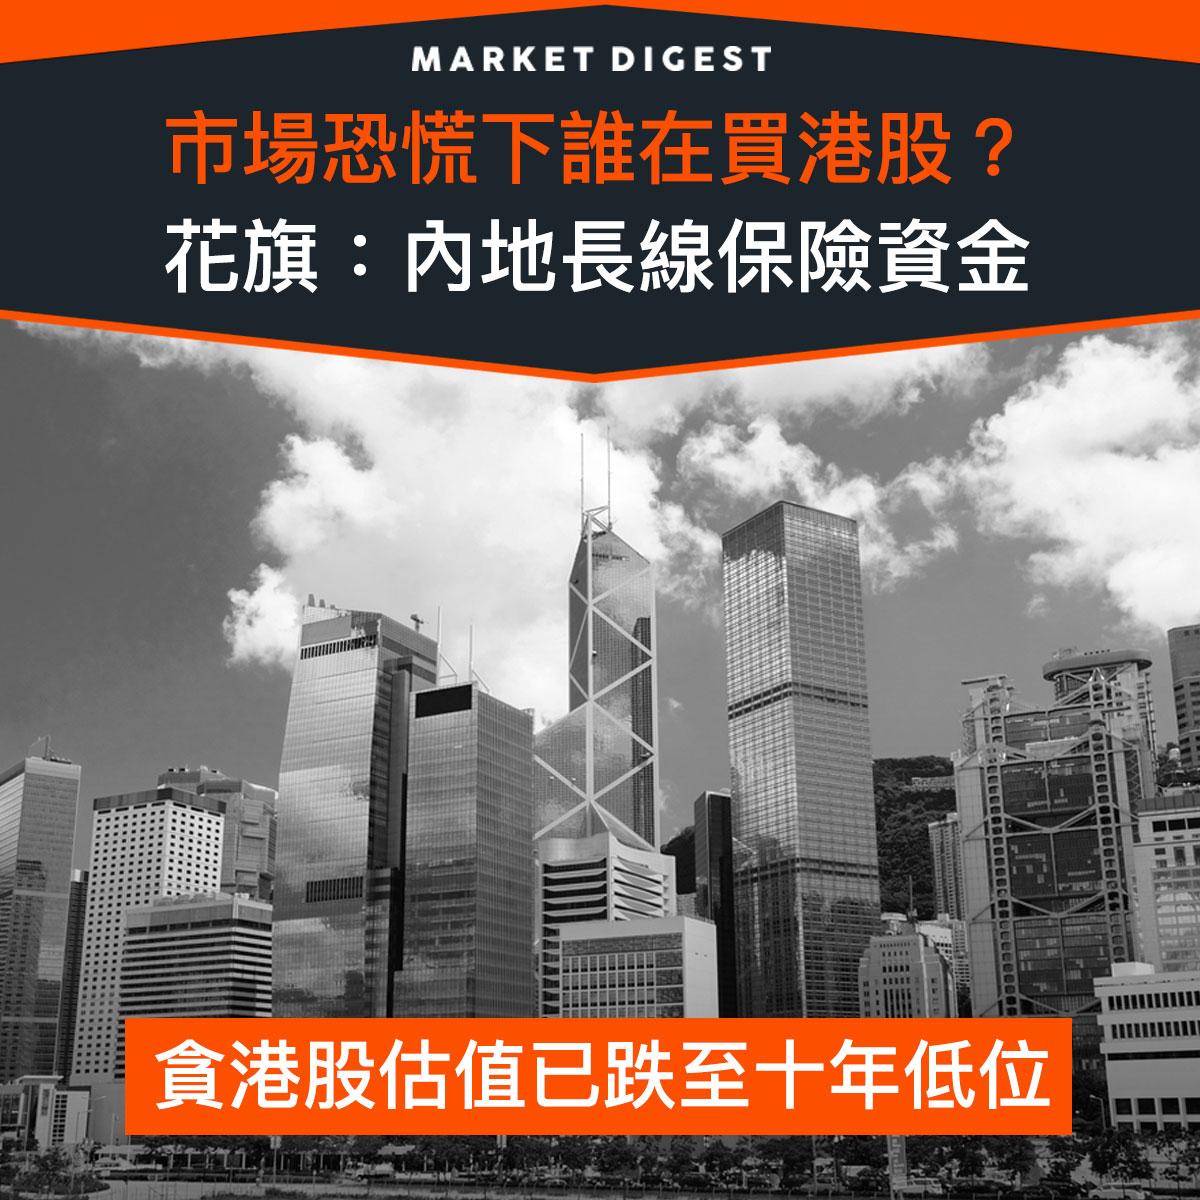 【市場熱話】市場恐慌下誰在買港股?花旗:內地長線保險資金